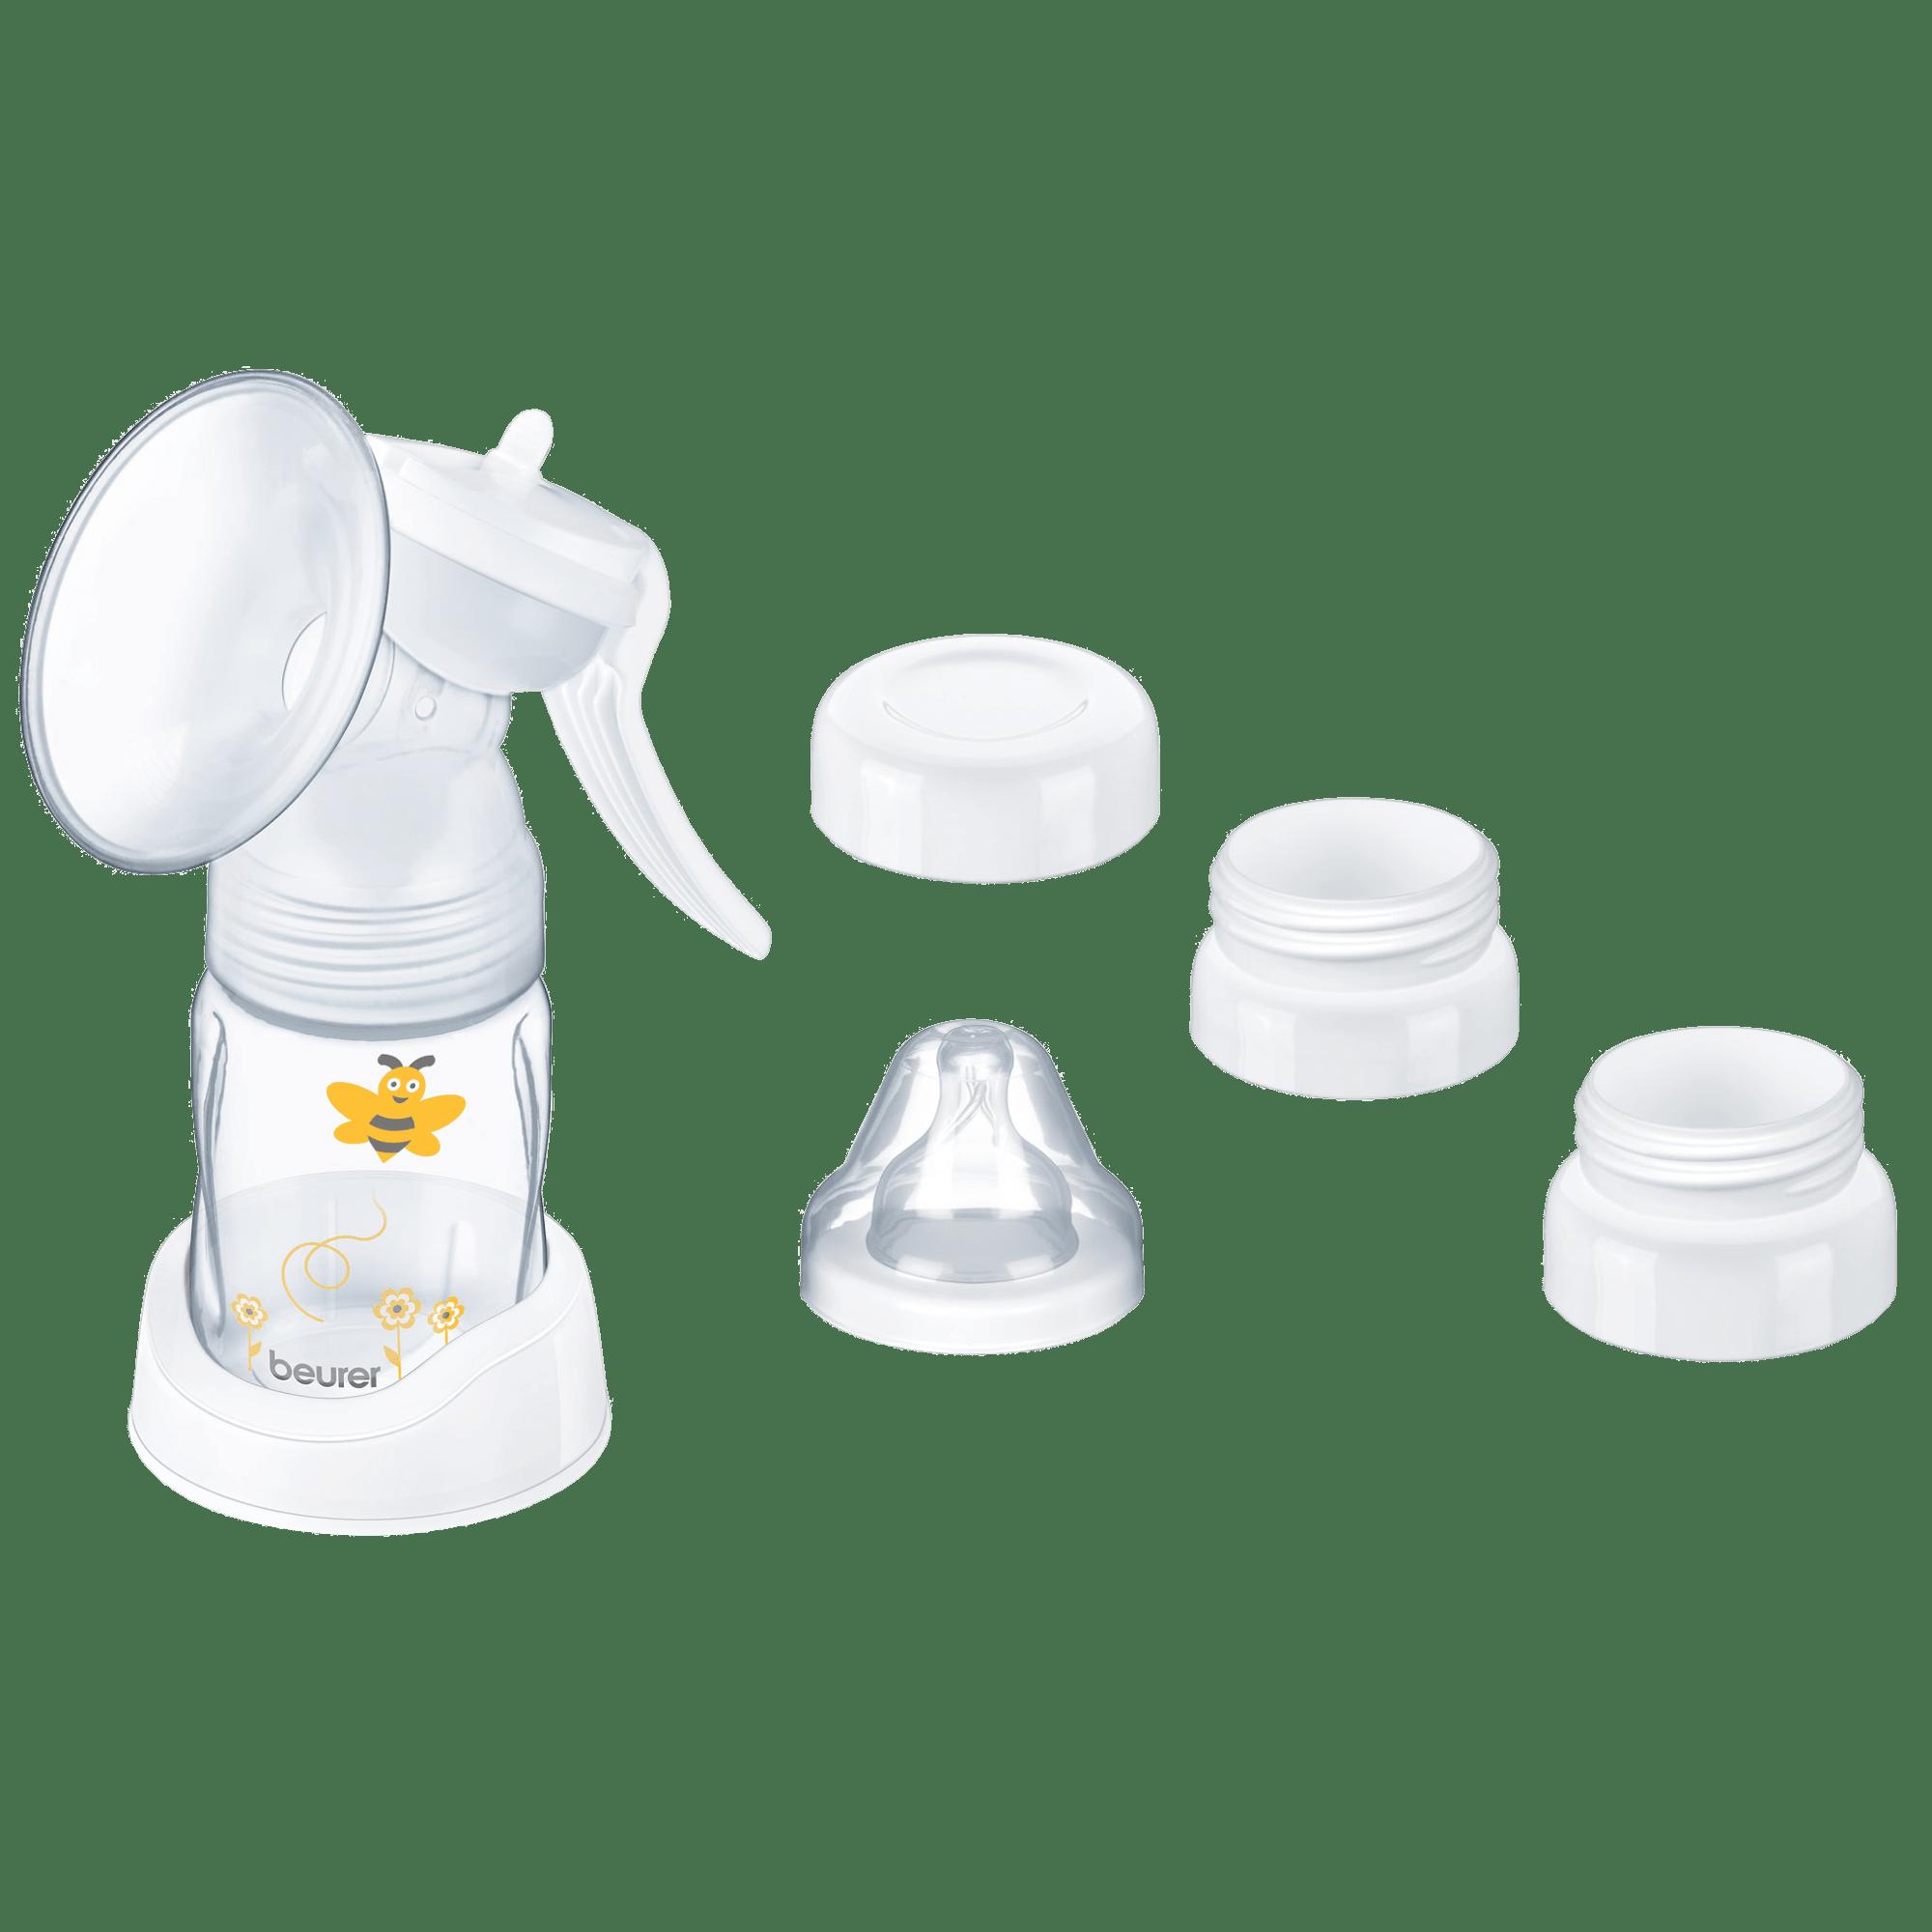 Manuel pumpe - Behagelig og naturlig pumpning med vakuumteknologi